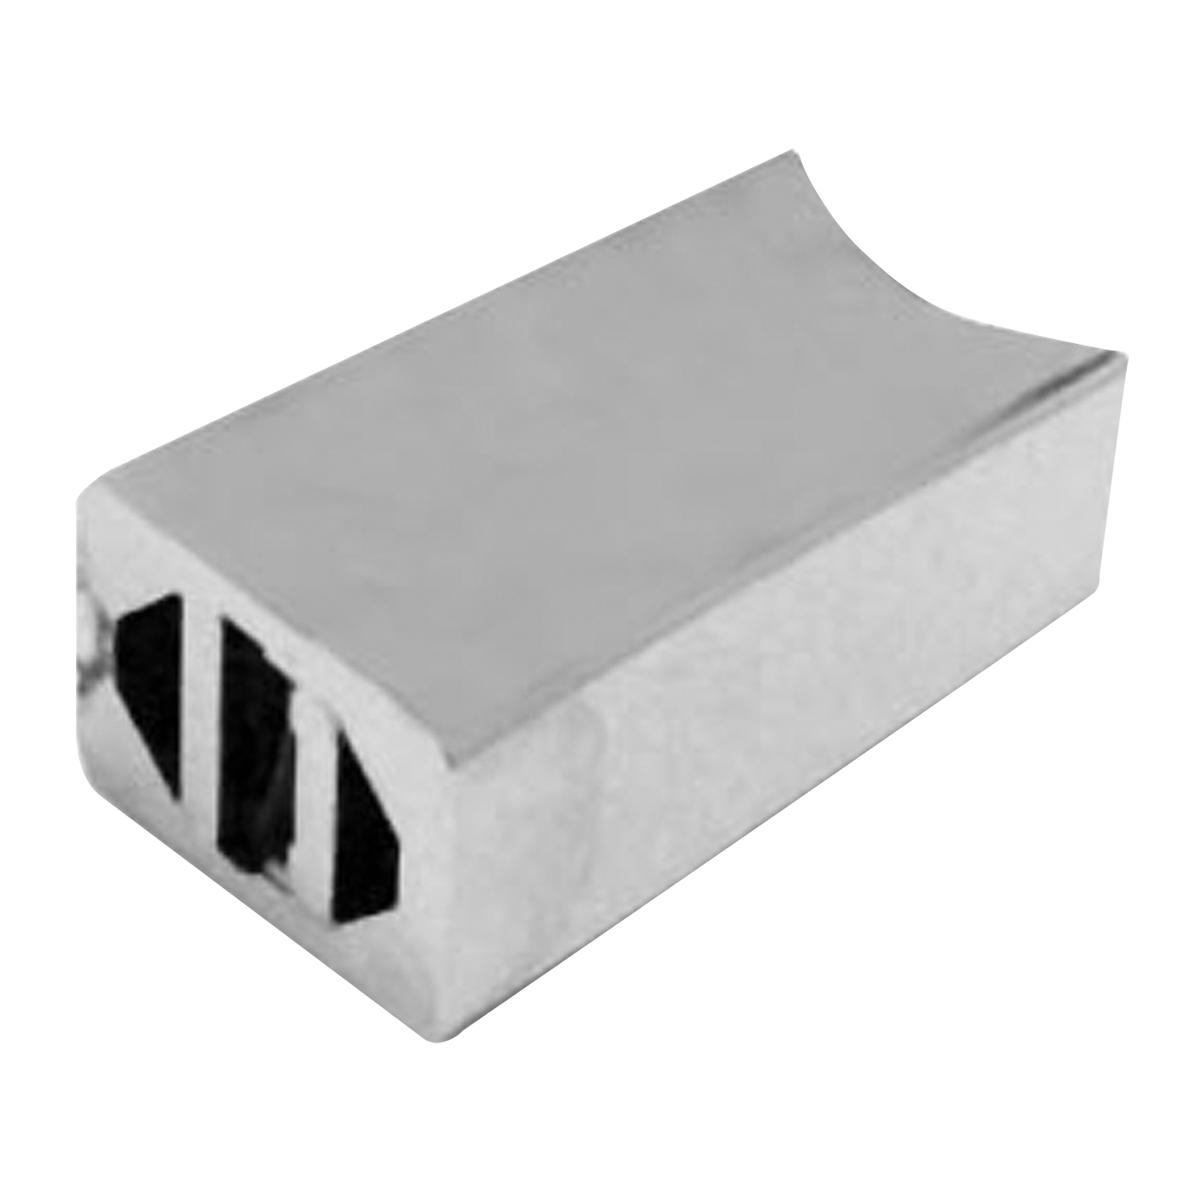 68281 Chrome Plastic A/C Extension Knob for Peterbilt 379